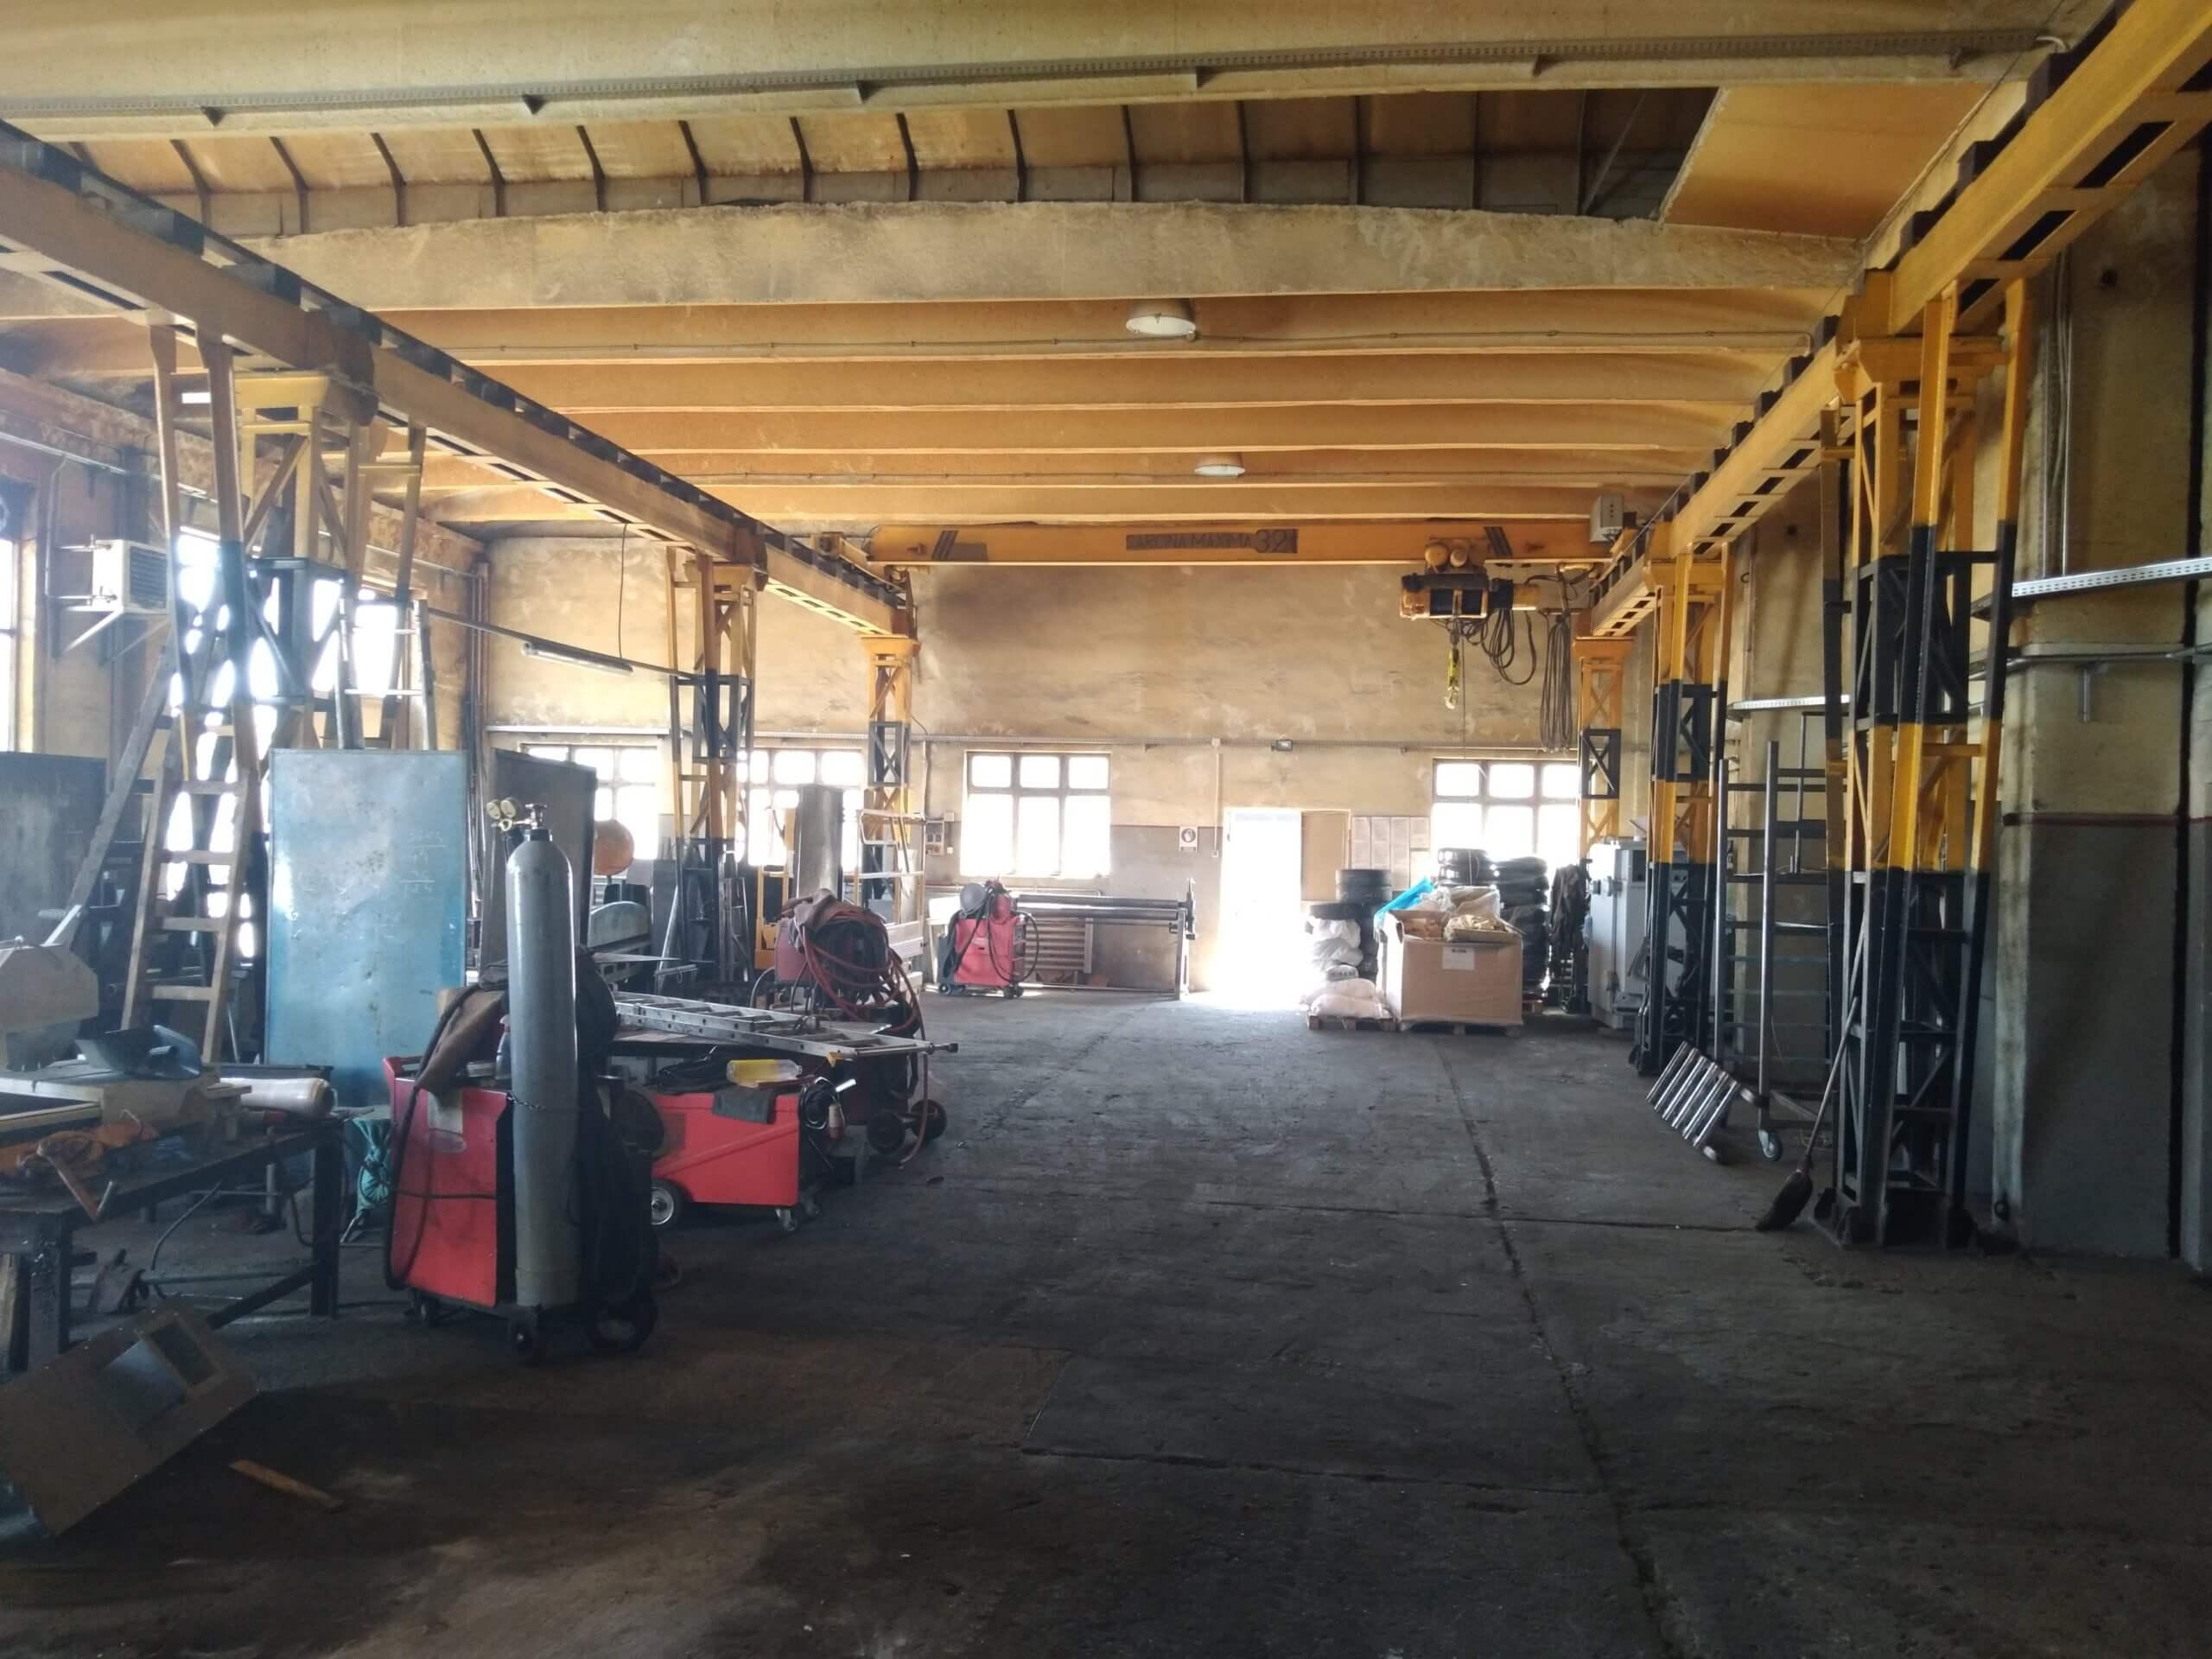 De închiriat in zona industrială vest, Hala industriala pentru producție sau depozitare !